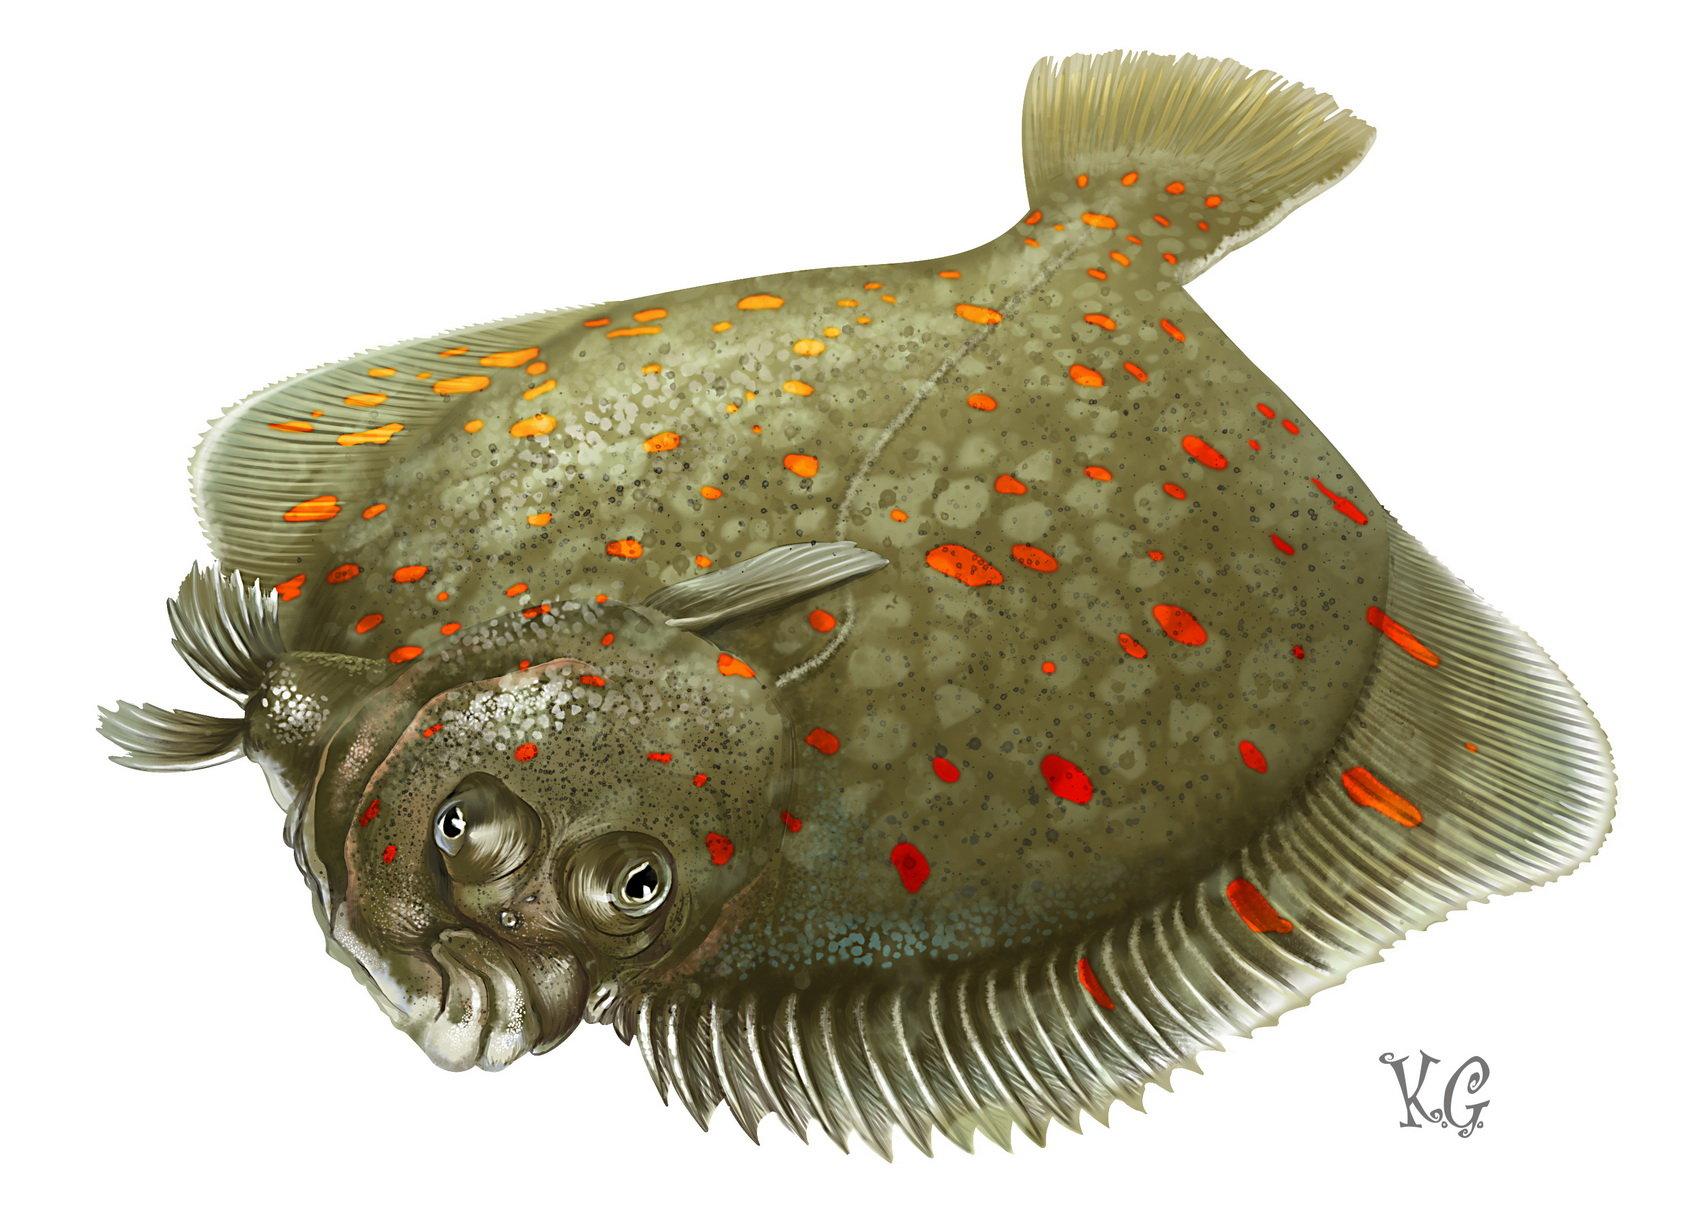 картинка рыбы камбалы некоторыми них